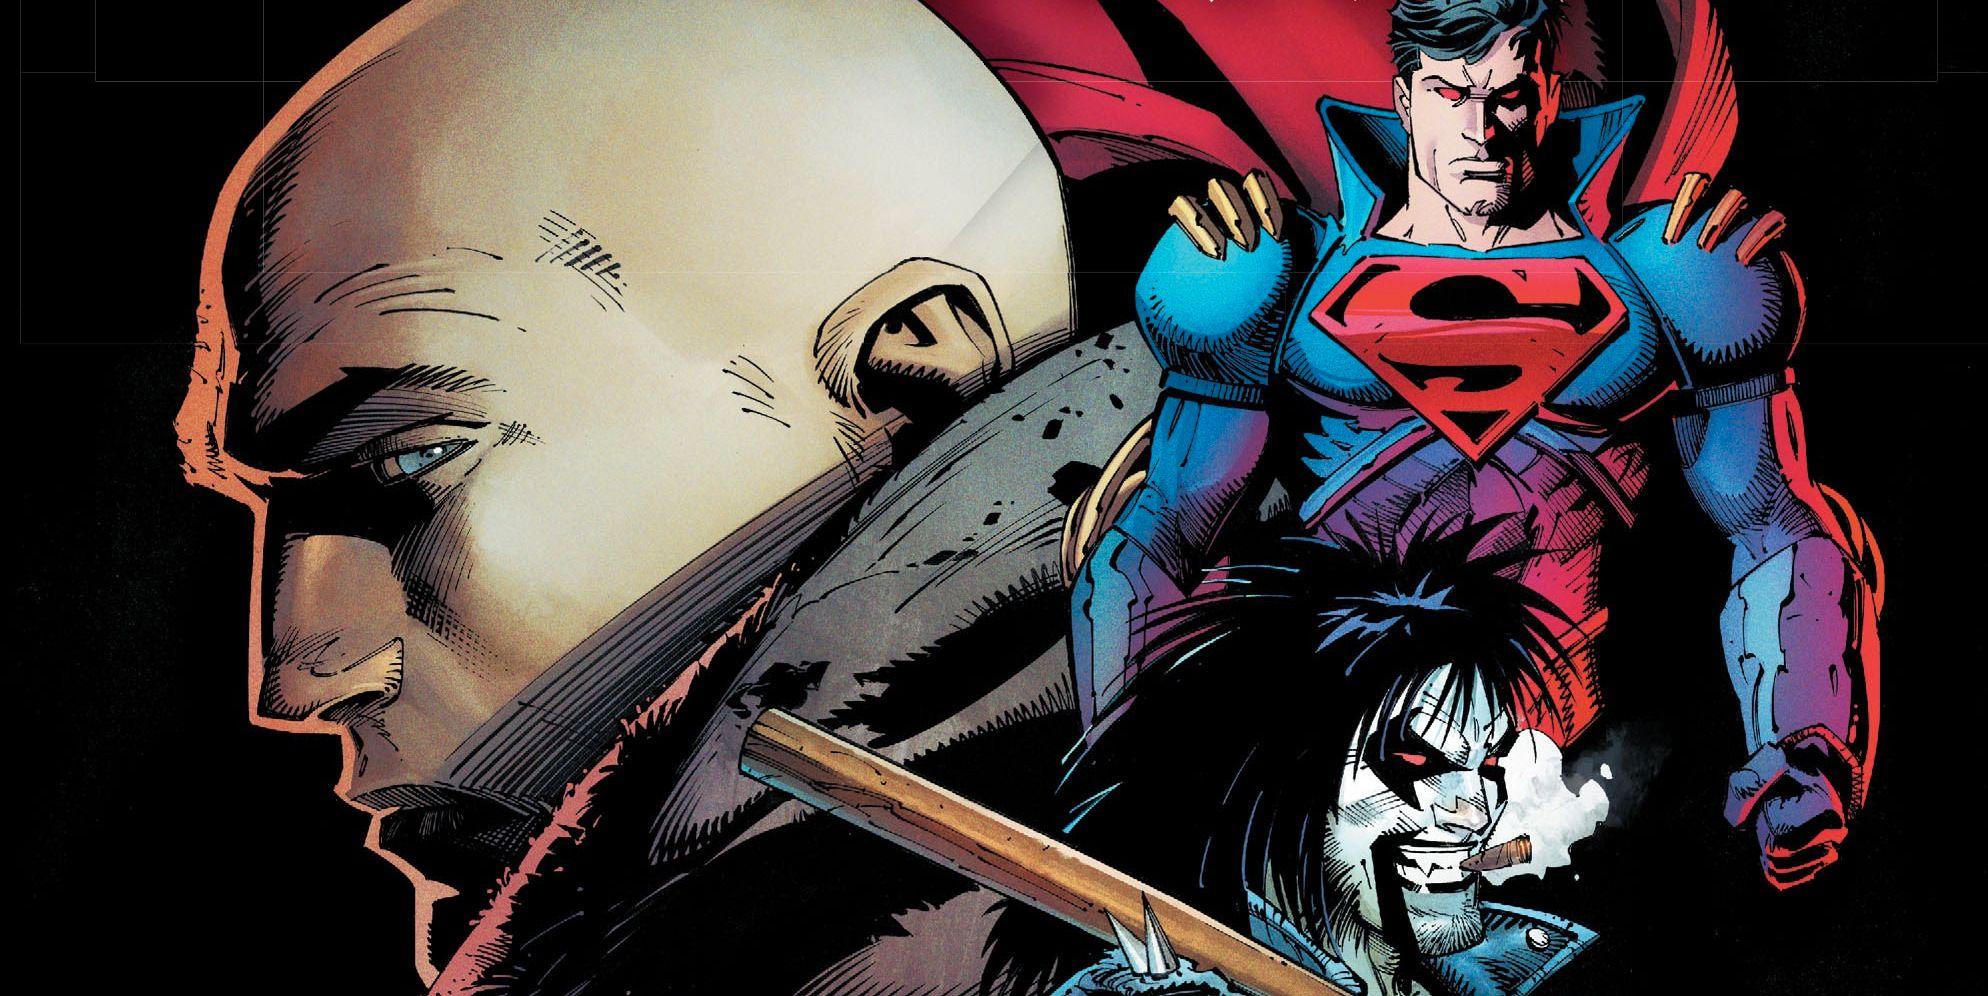 Lex Luthor revela lo que REALMENTE piensa sobre los héroes de DC